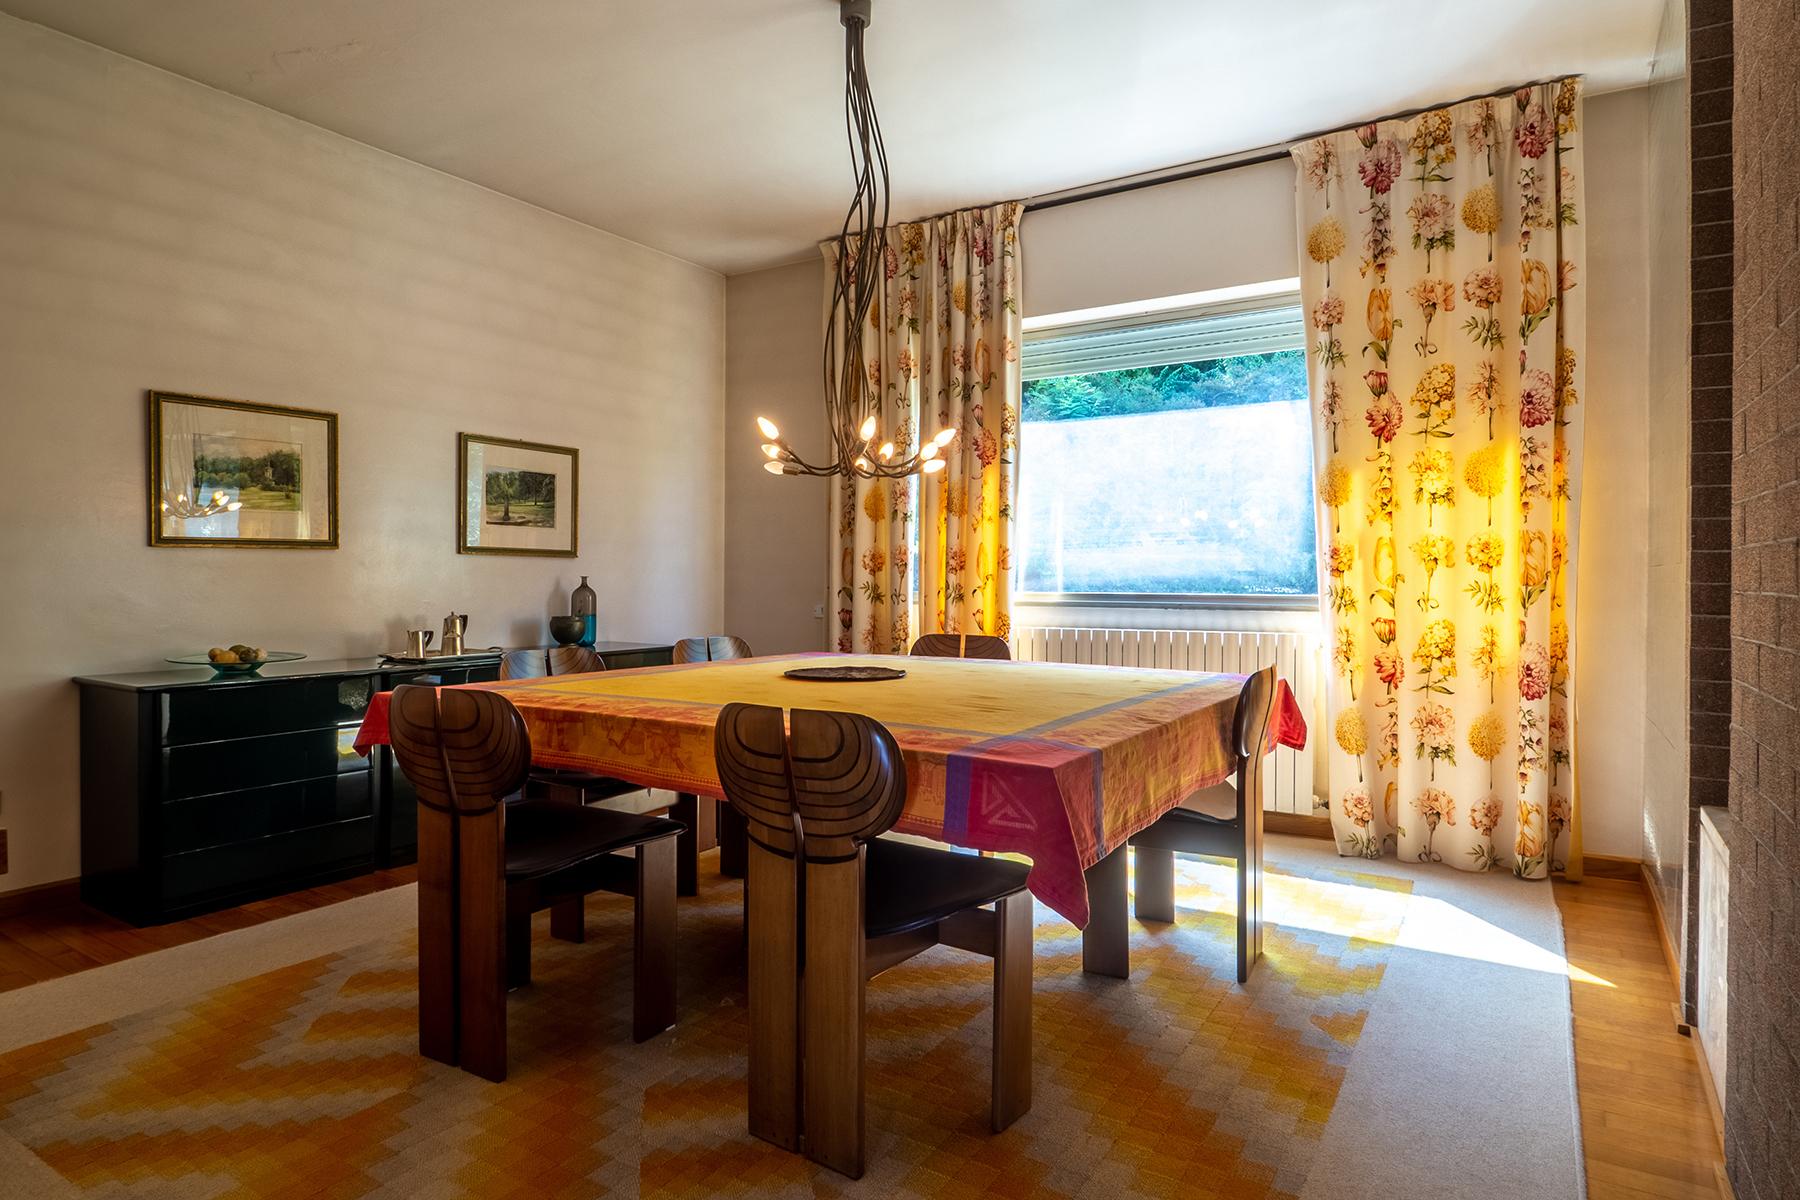 Casa indipendente in Vendita a Rosignano Monferrato: 5 locali, 290 mq - Foto 11